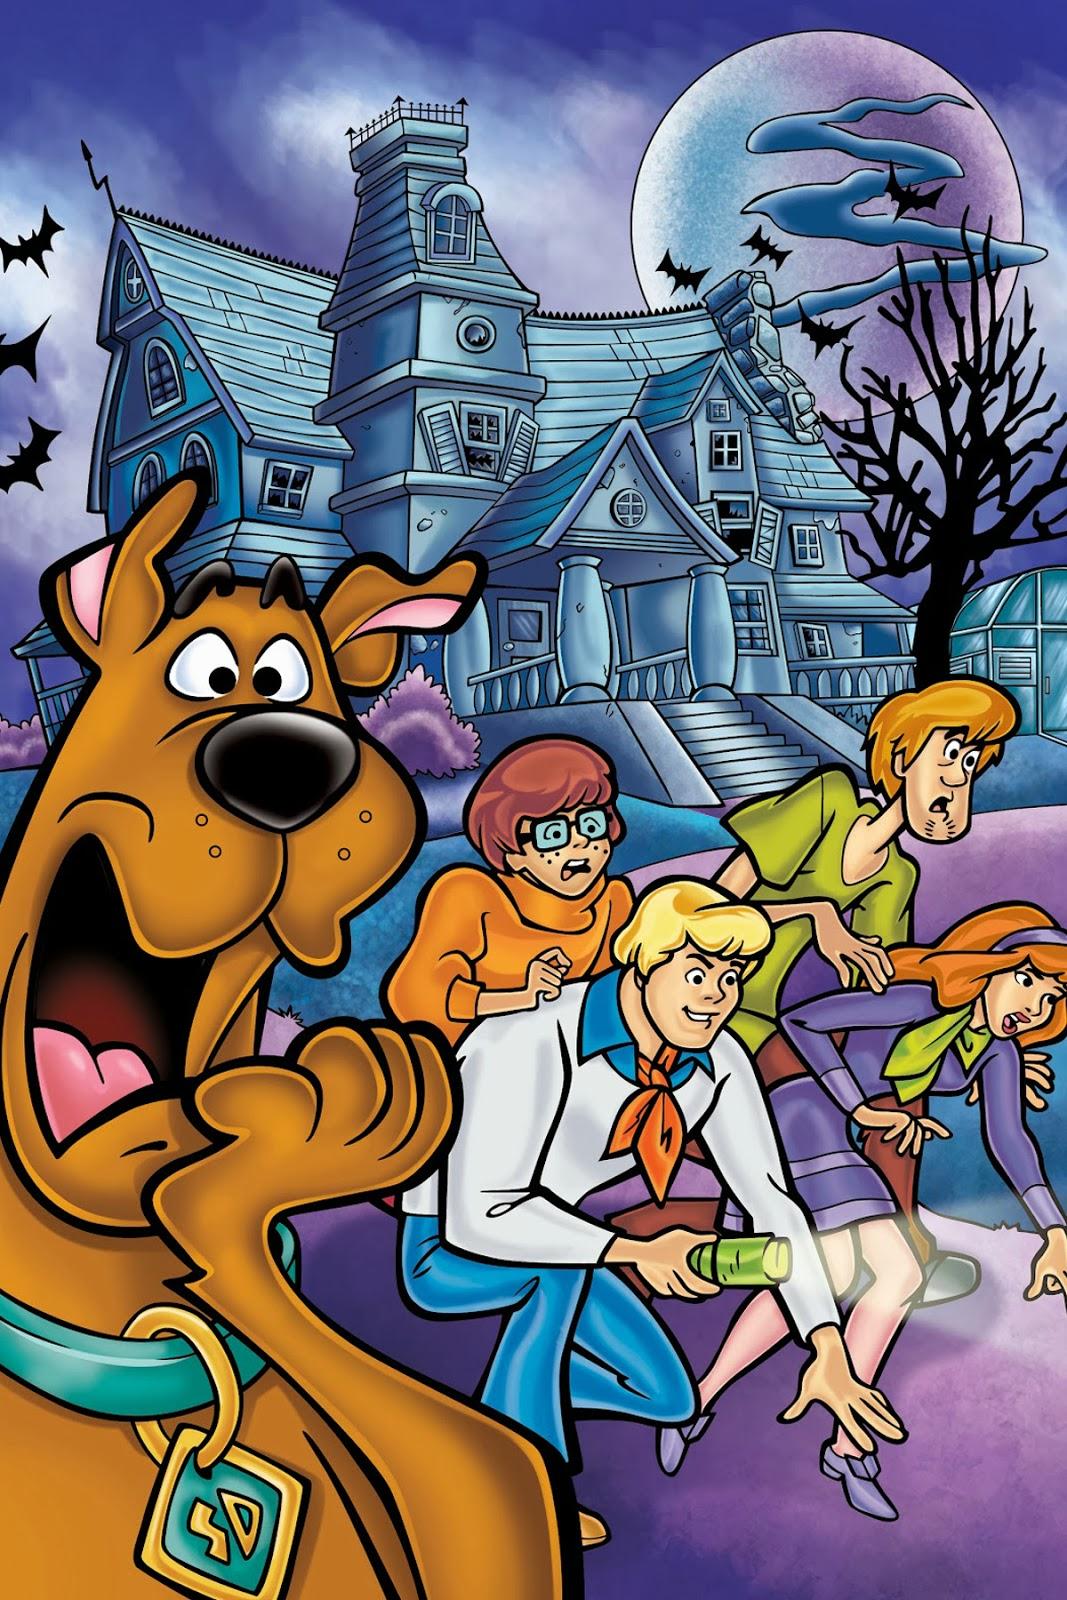 Scooby doo images wallpapers 58 wallpapers 3d wallpapers - De scooby doo ...